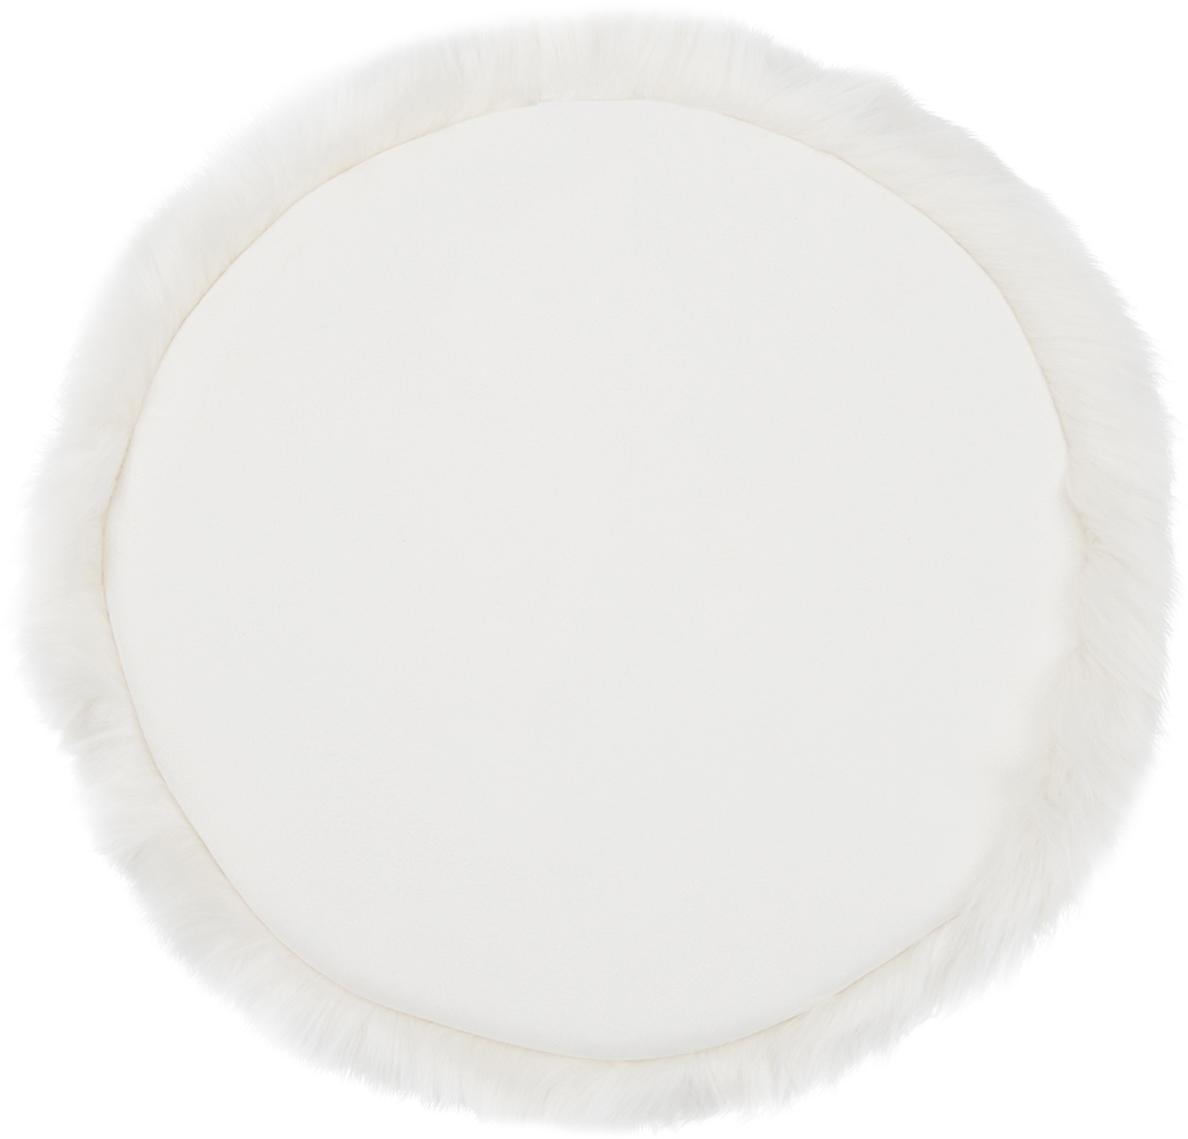 Runde Kunstfell-Sitzauflage Mathilde, glatt, Vorderseite: 65% Akryl, 35% Polyester, Rückseite: 100% Polyester, Creme, Ø 37 cm